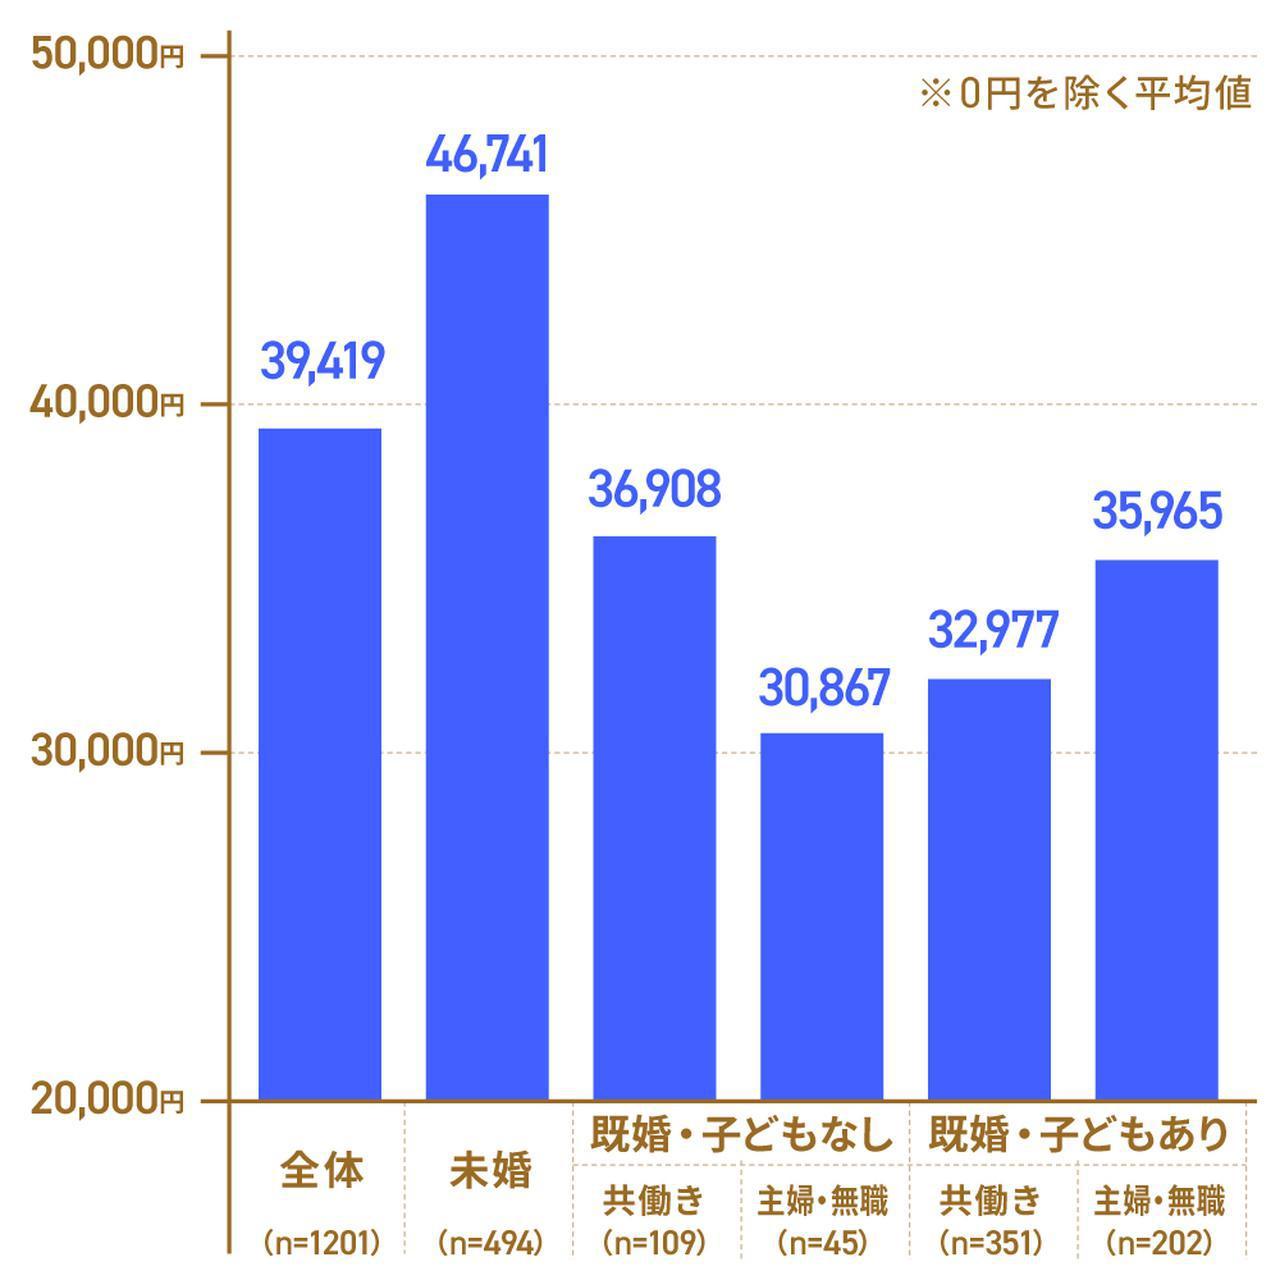 画像1: 夫のお小遣いの平均は約36,000円。まずは相場を確認しよう